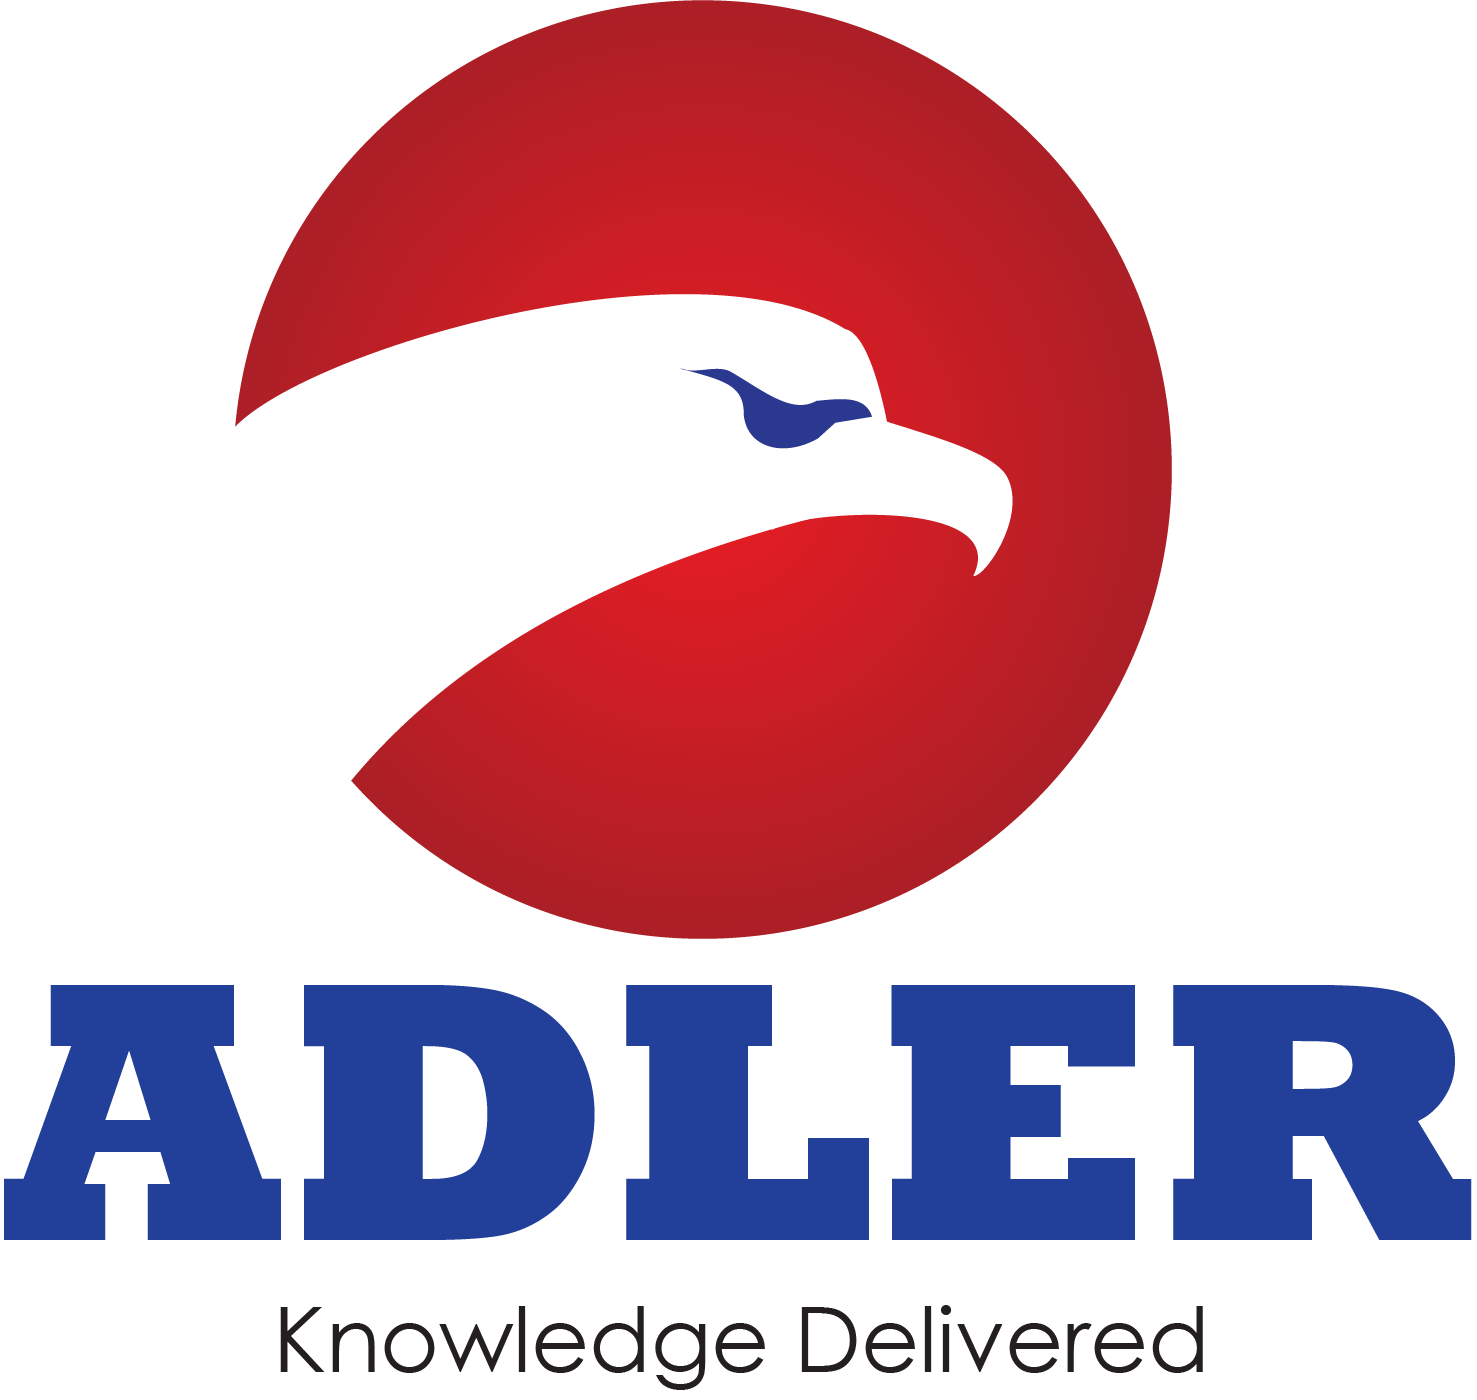 Adler Technoserve